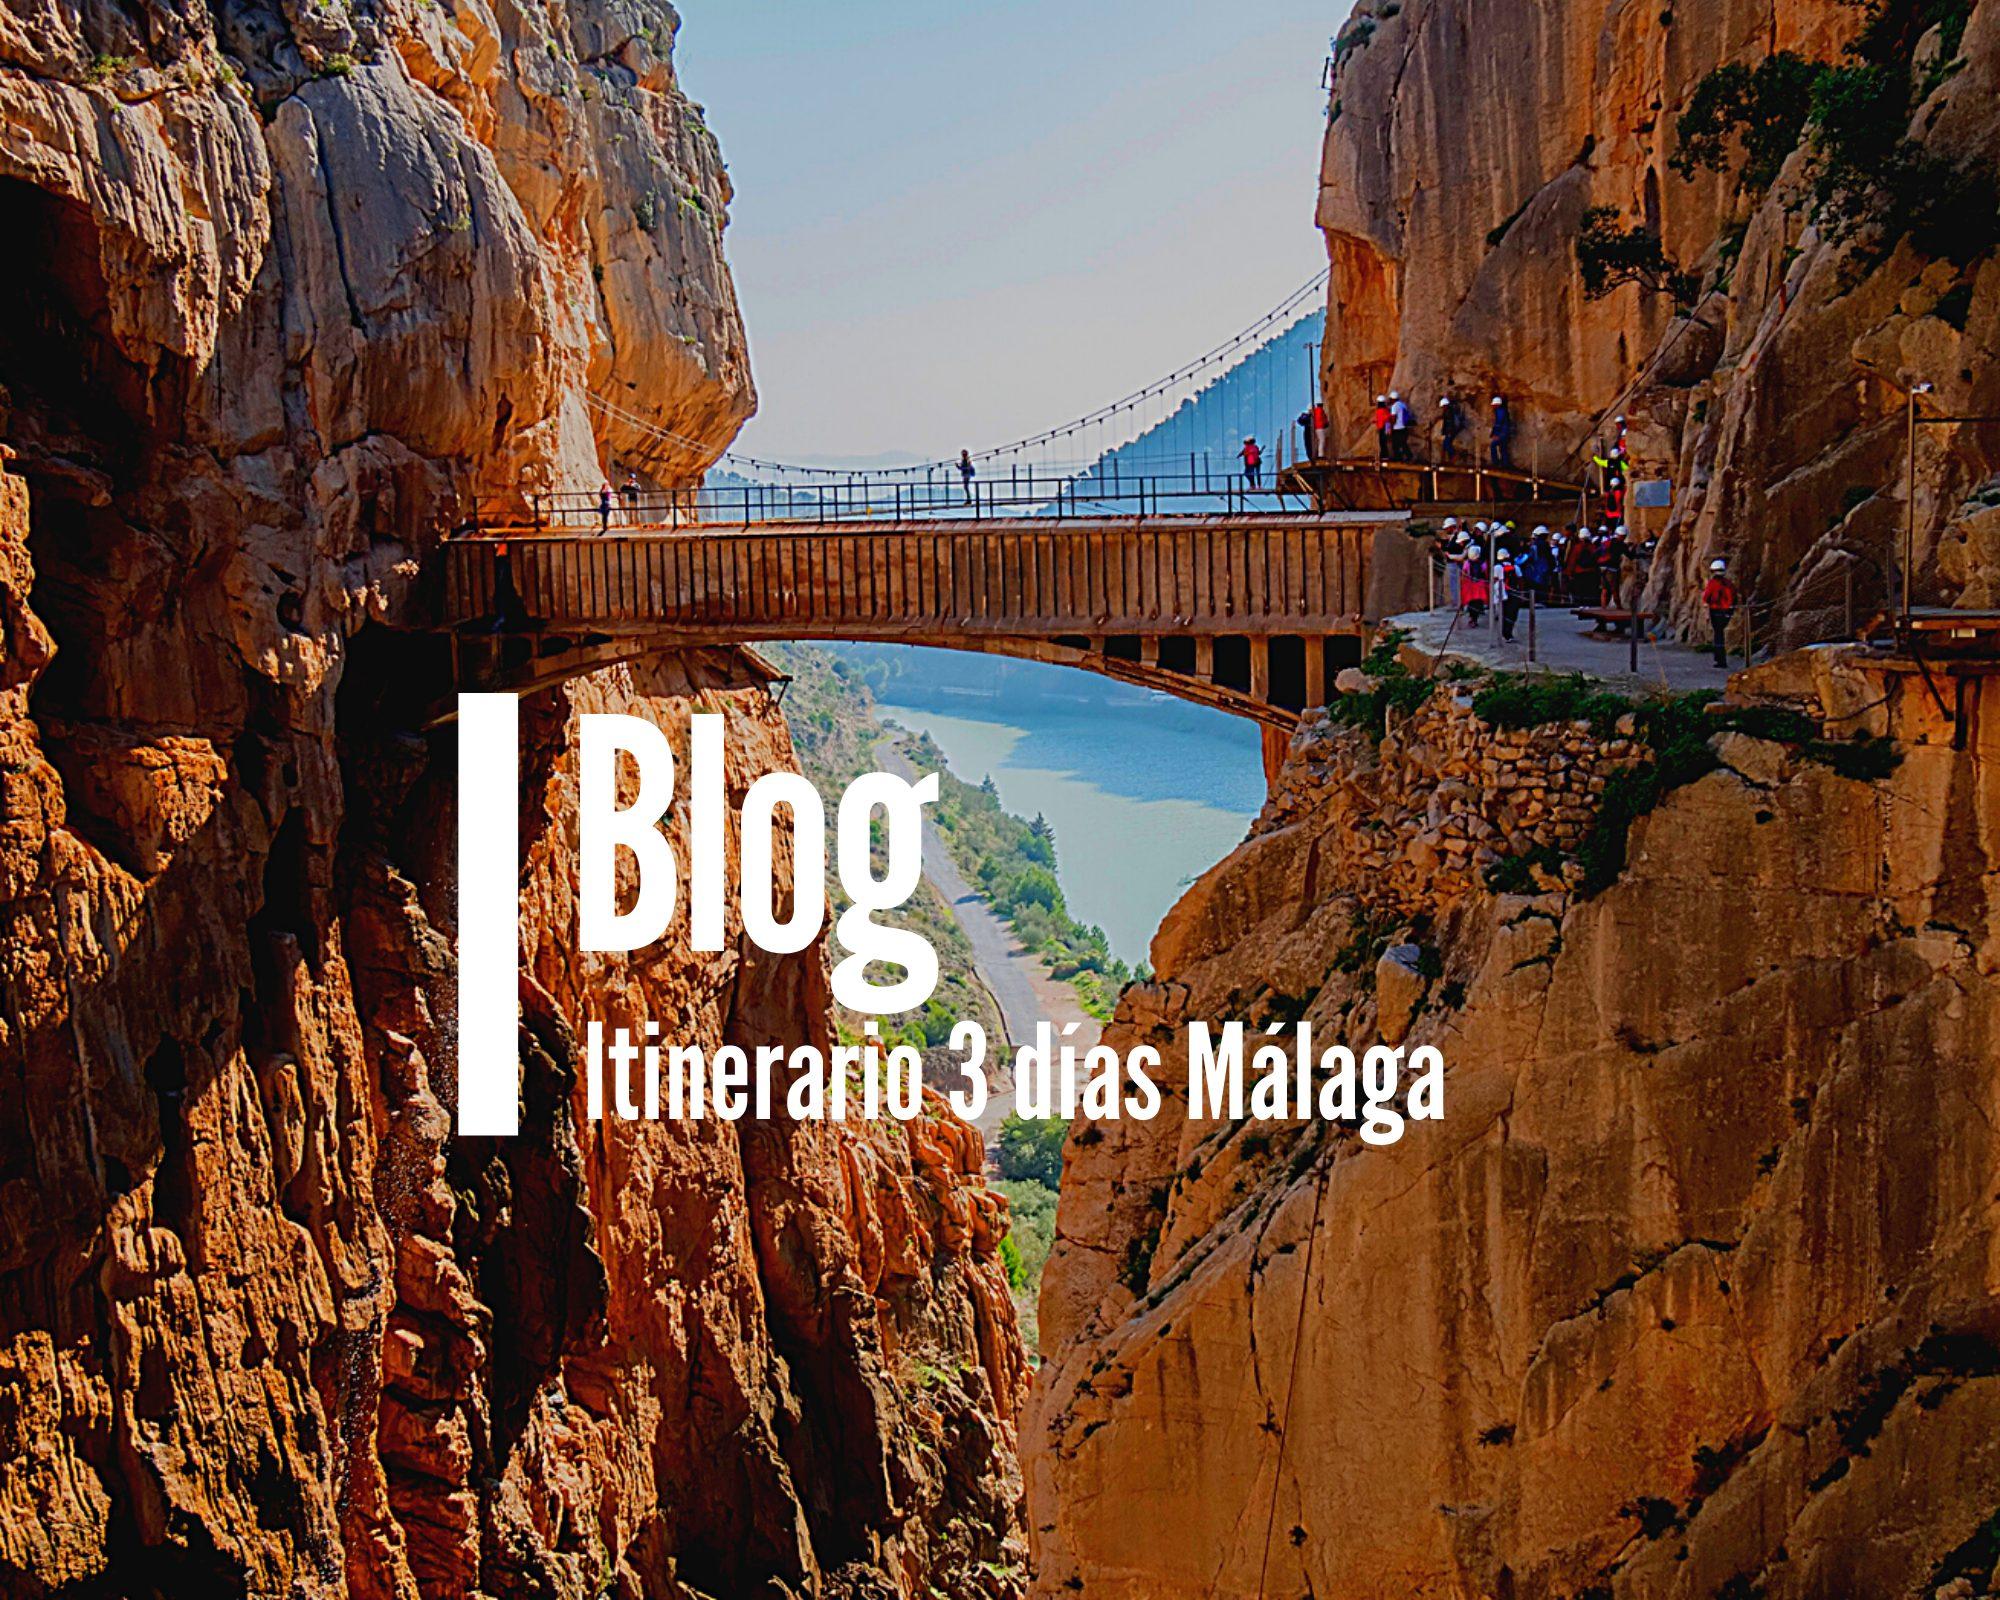 Itinerario 3 días Málaga | Rutas Salvajes | Viajar Solo en Grupo Organizado